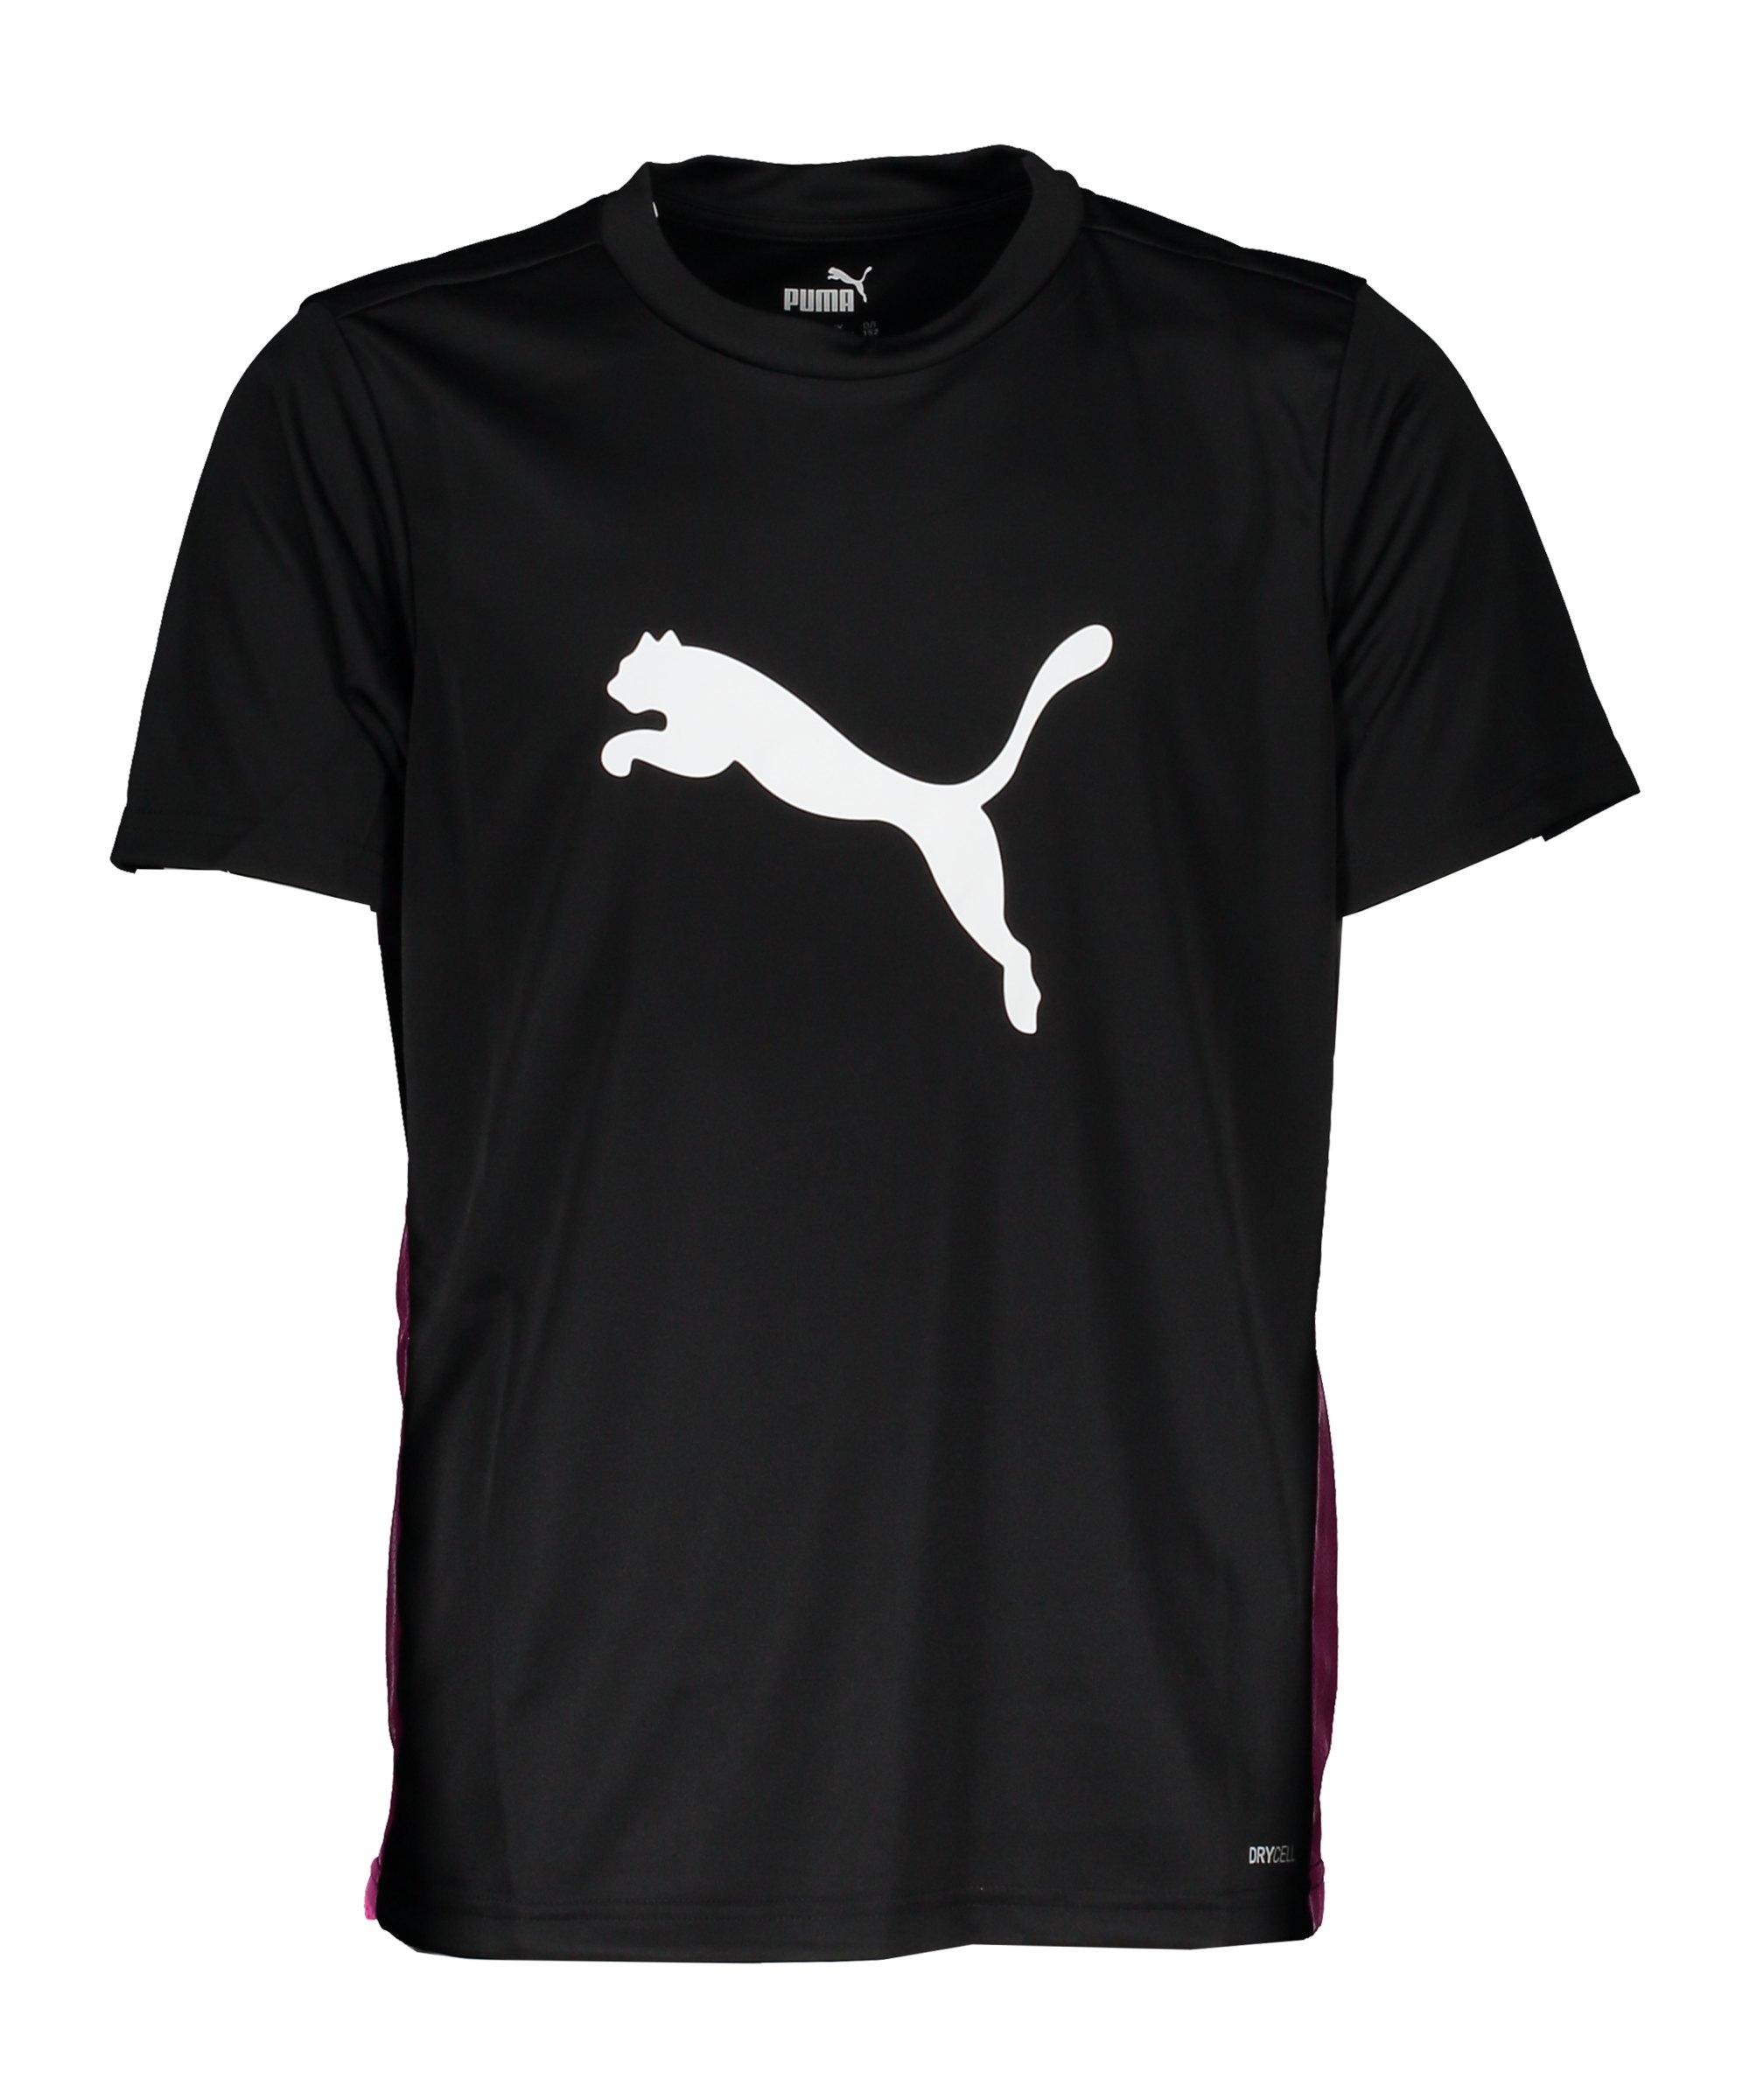 PUMA ftblPLAY Logo T-Shirt Kids Schwarz F21 - schwarz